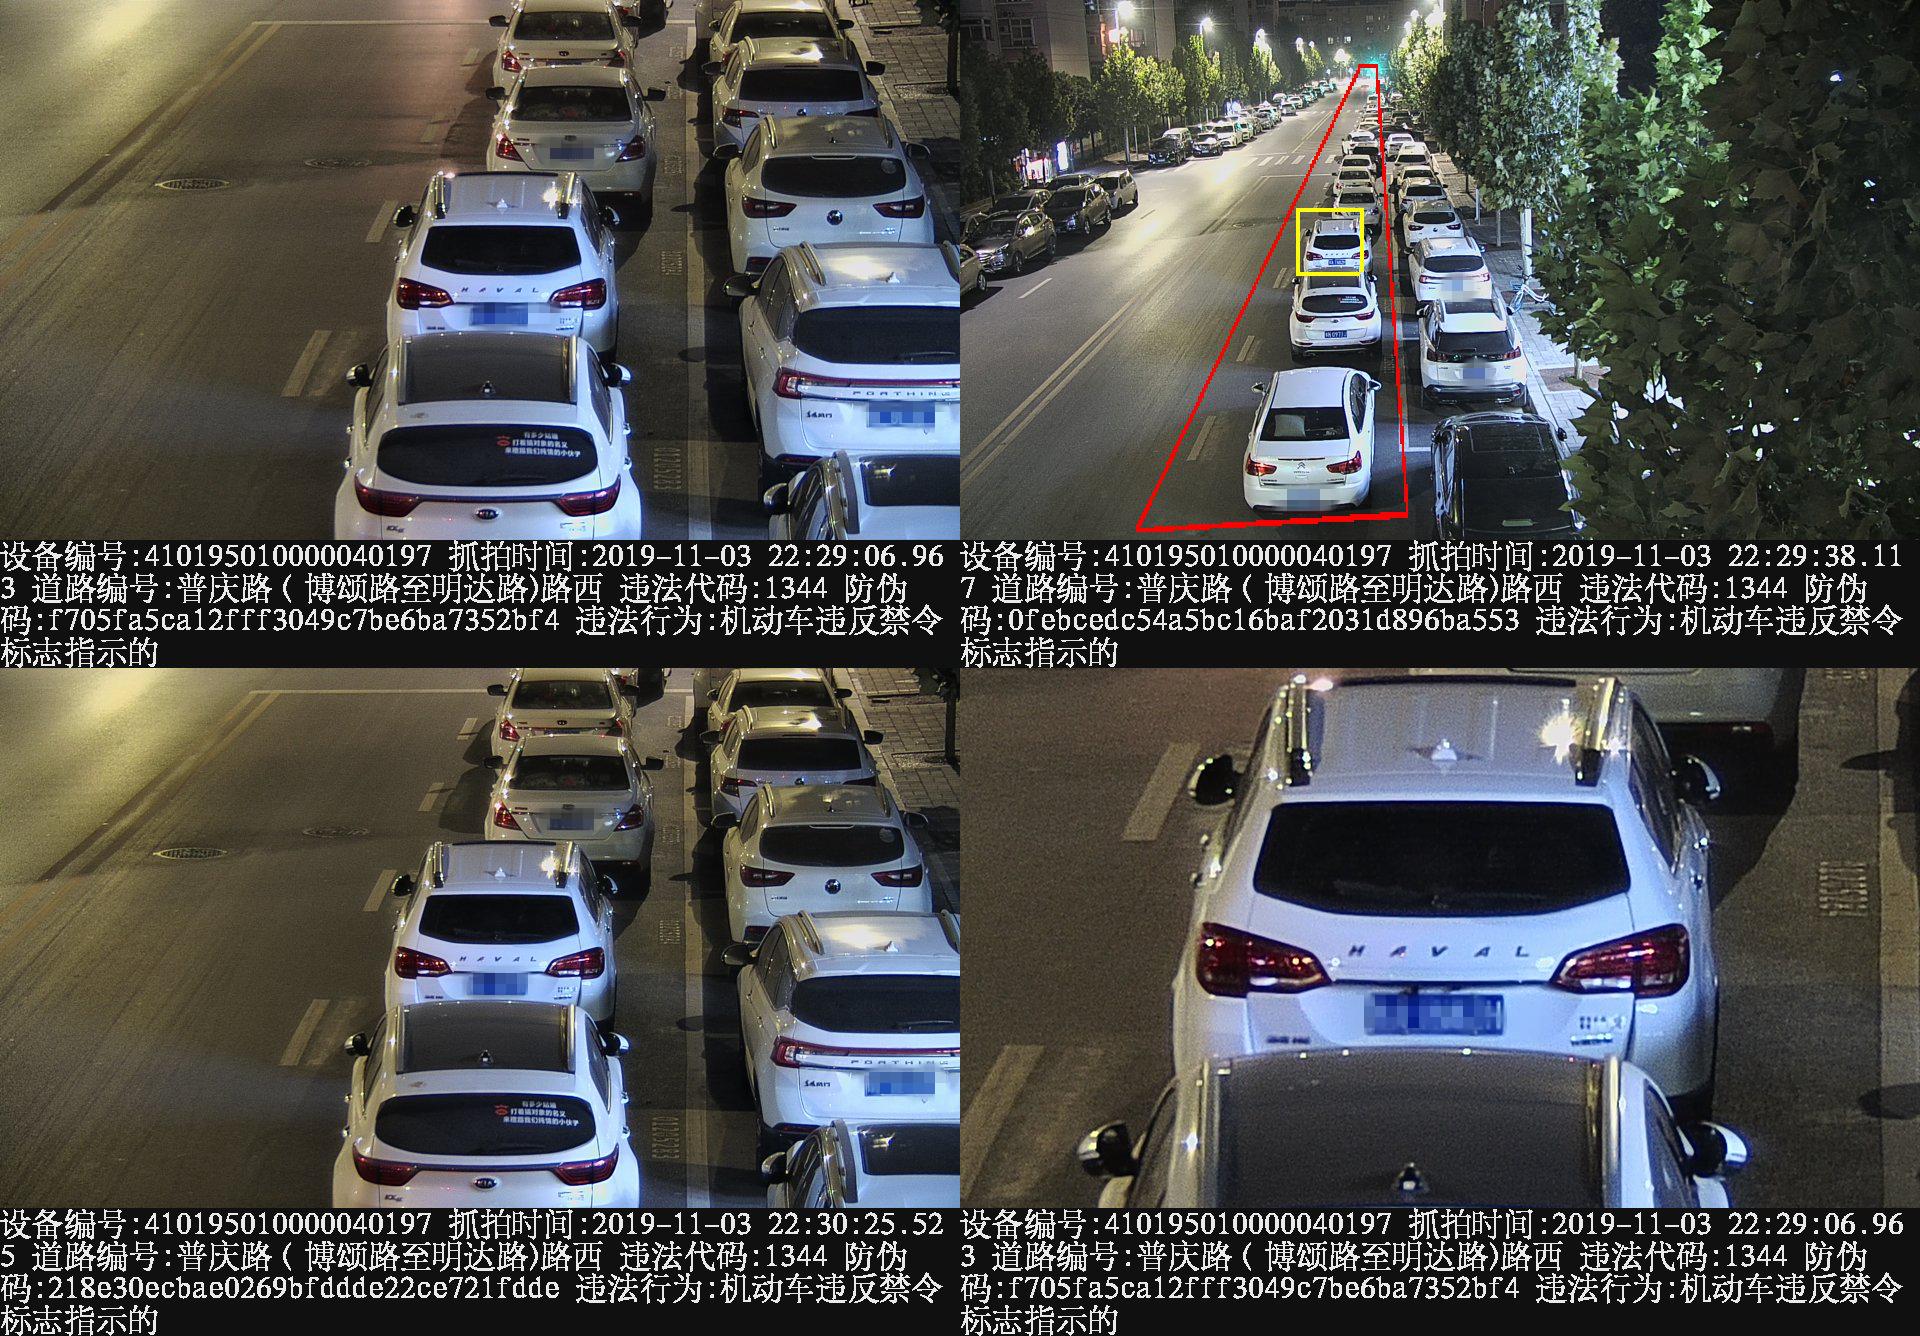 郑州新增83套违法停车抓拍设备 本月15日正式投用